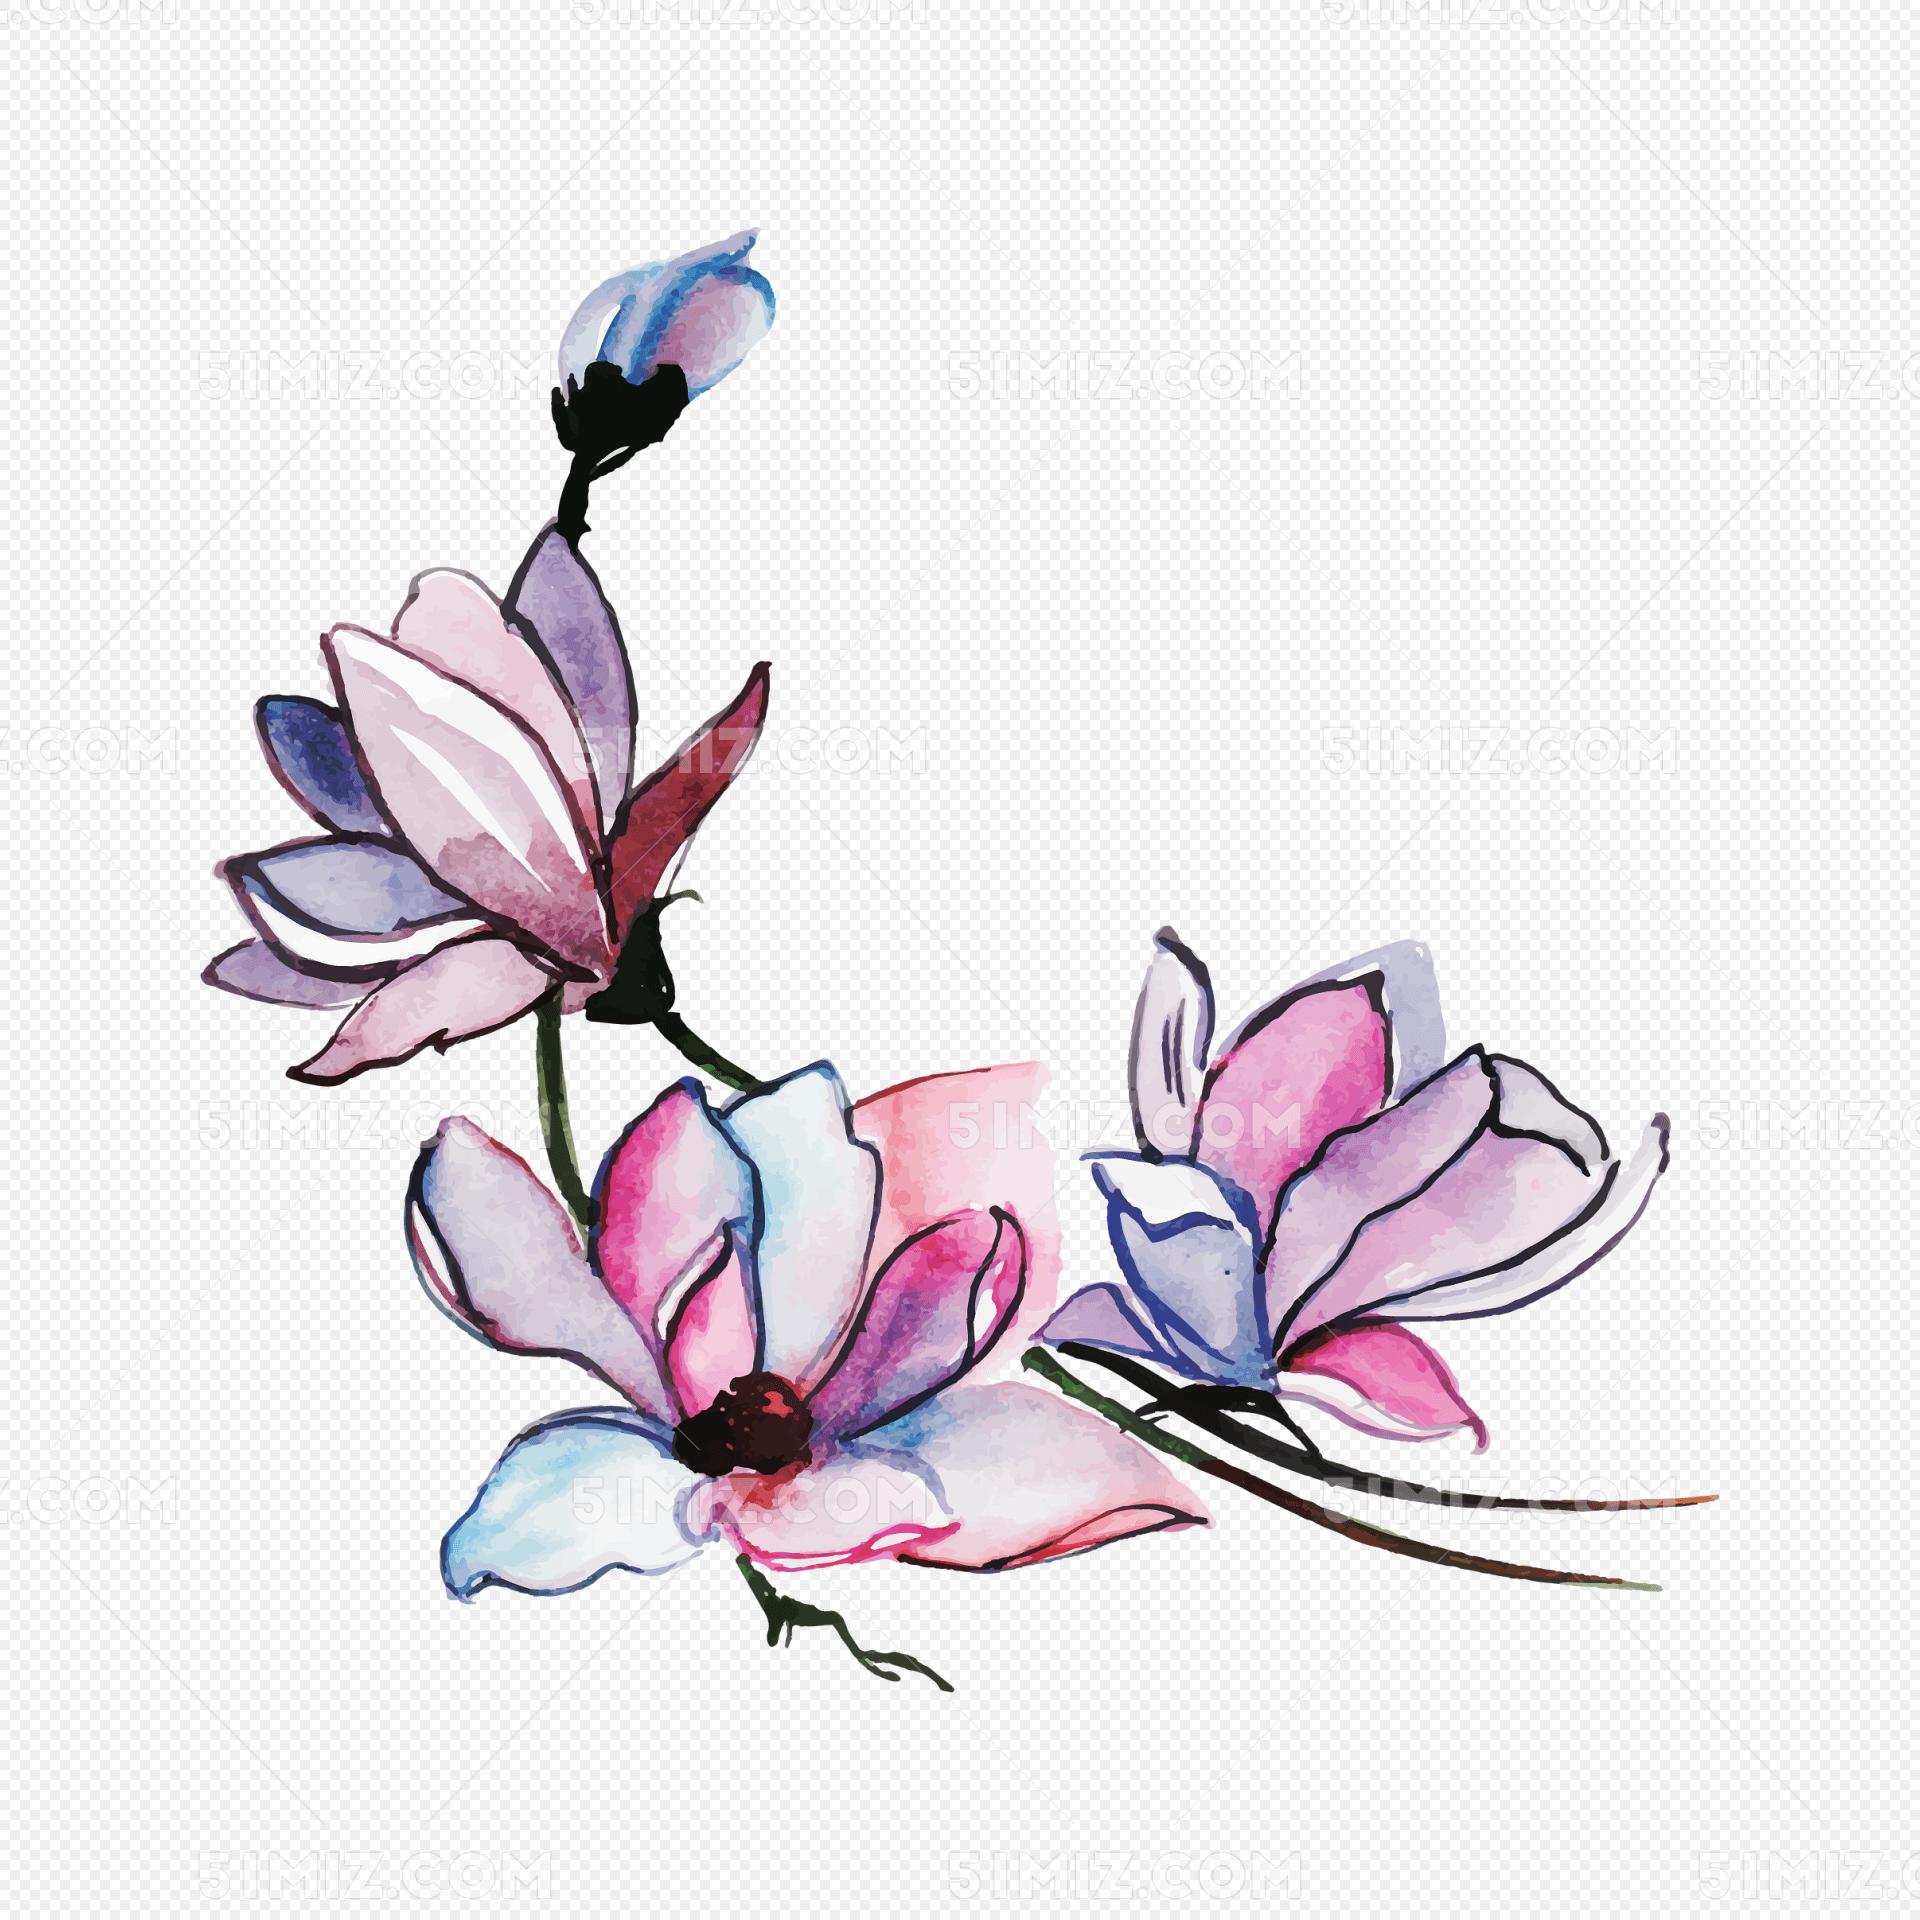 浪漫手绘粉紫色玉兰花免费下载_png素材_觅知网